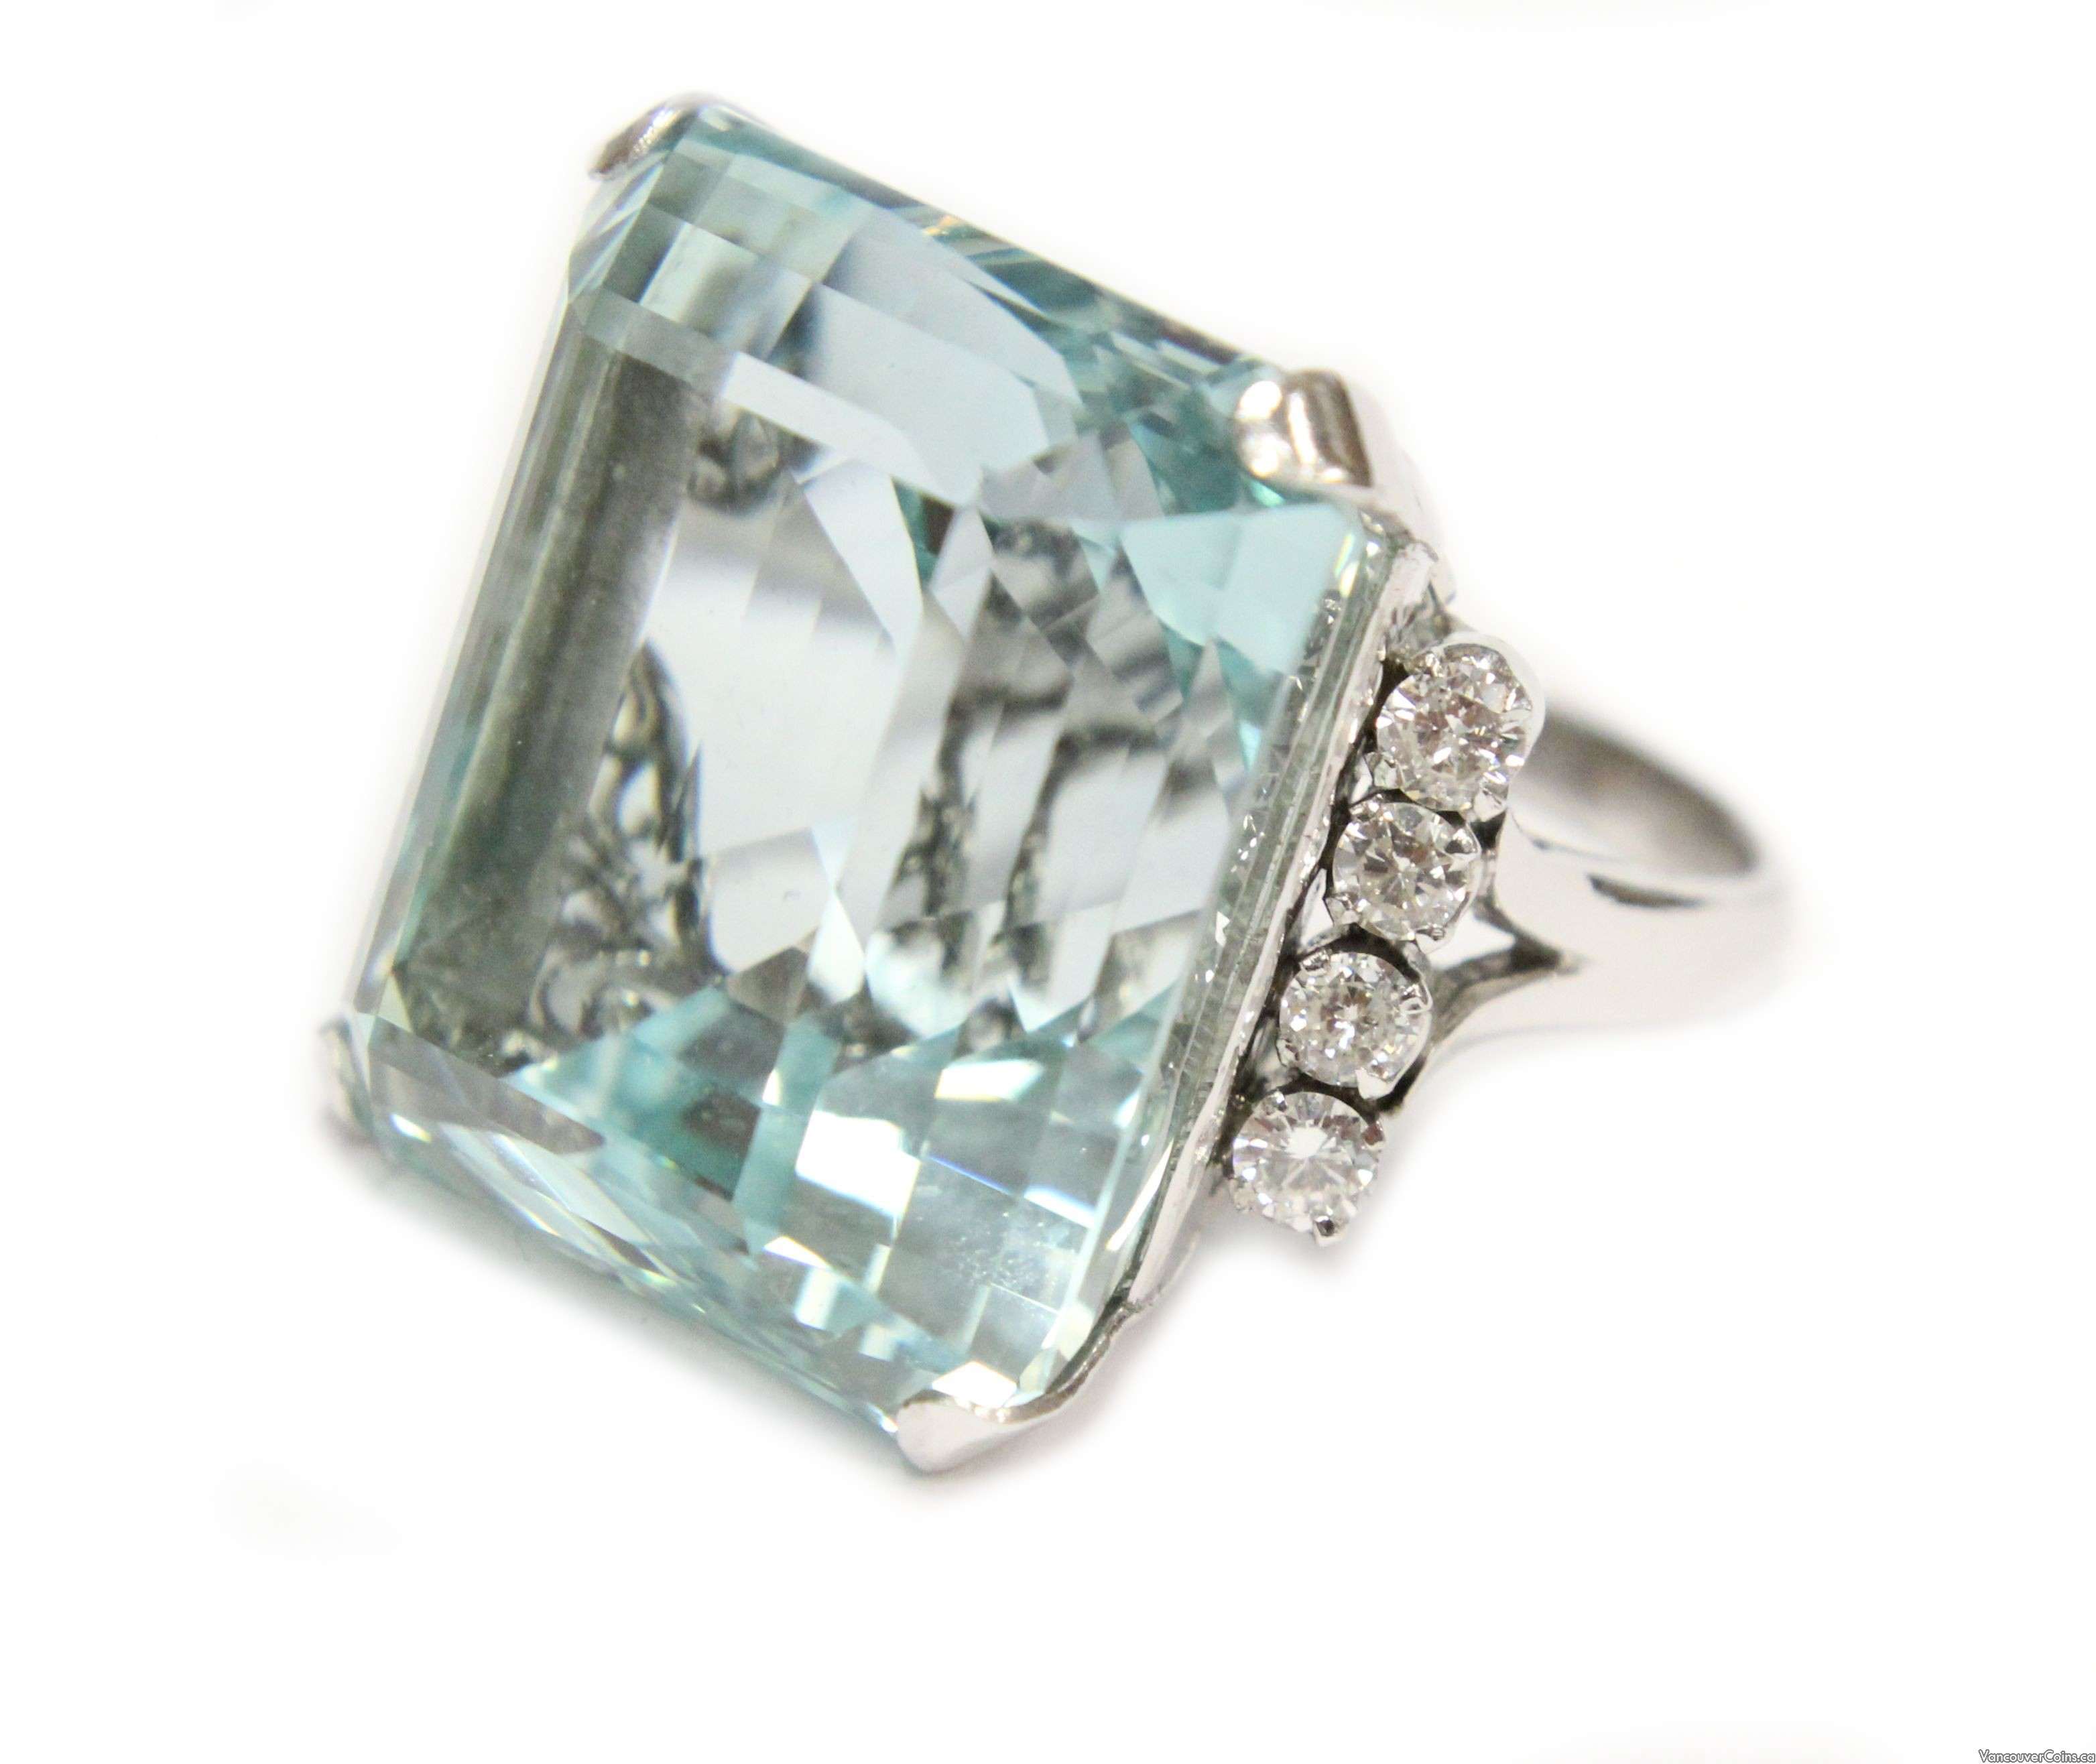 61.38 ct Intense greenish blue Aquamarine and white gold Diamond ring